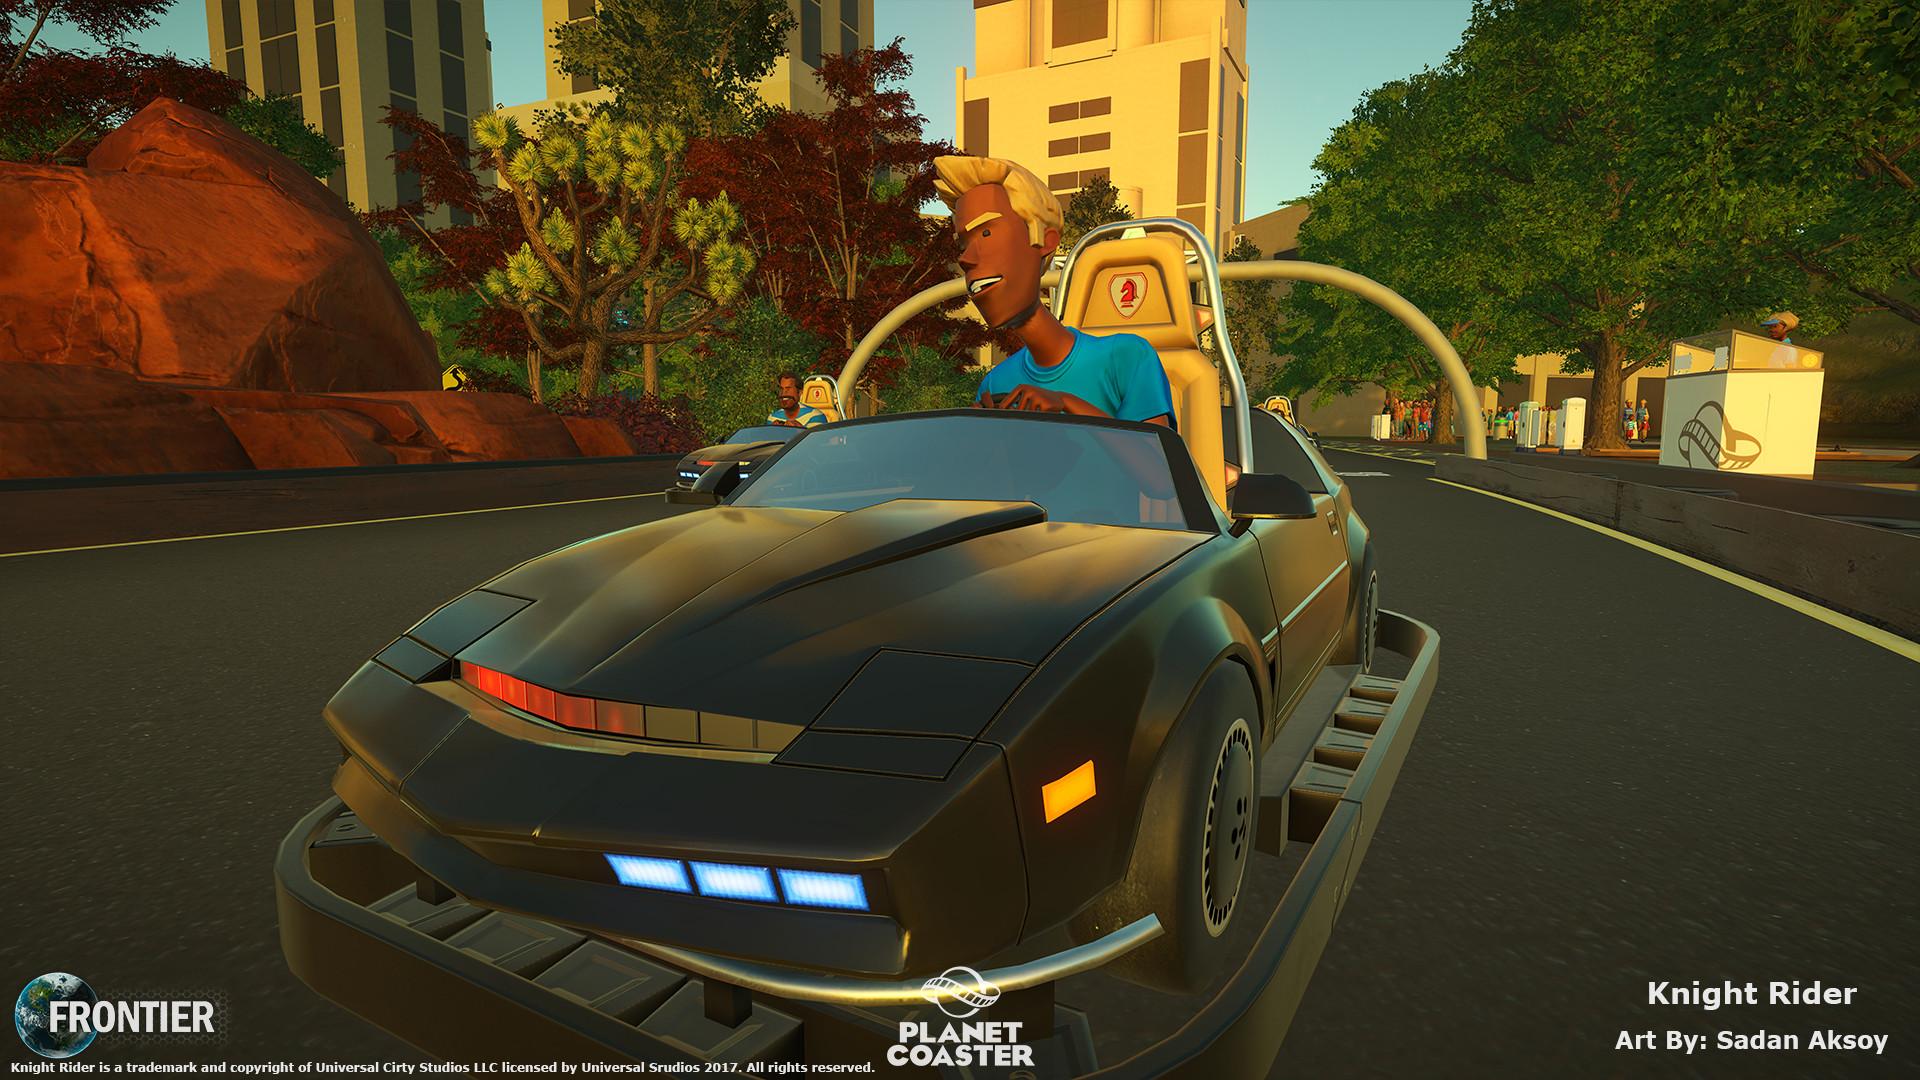 ArtStation - Planet Coaster - Knight Rider™ K I T T  Construction